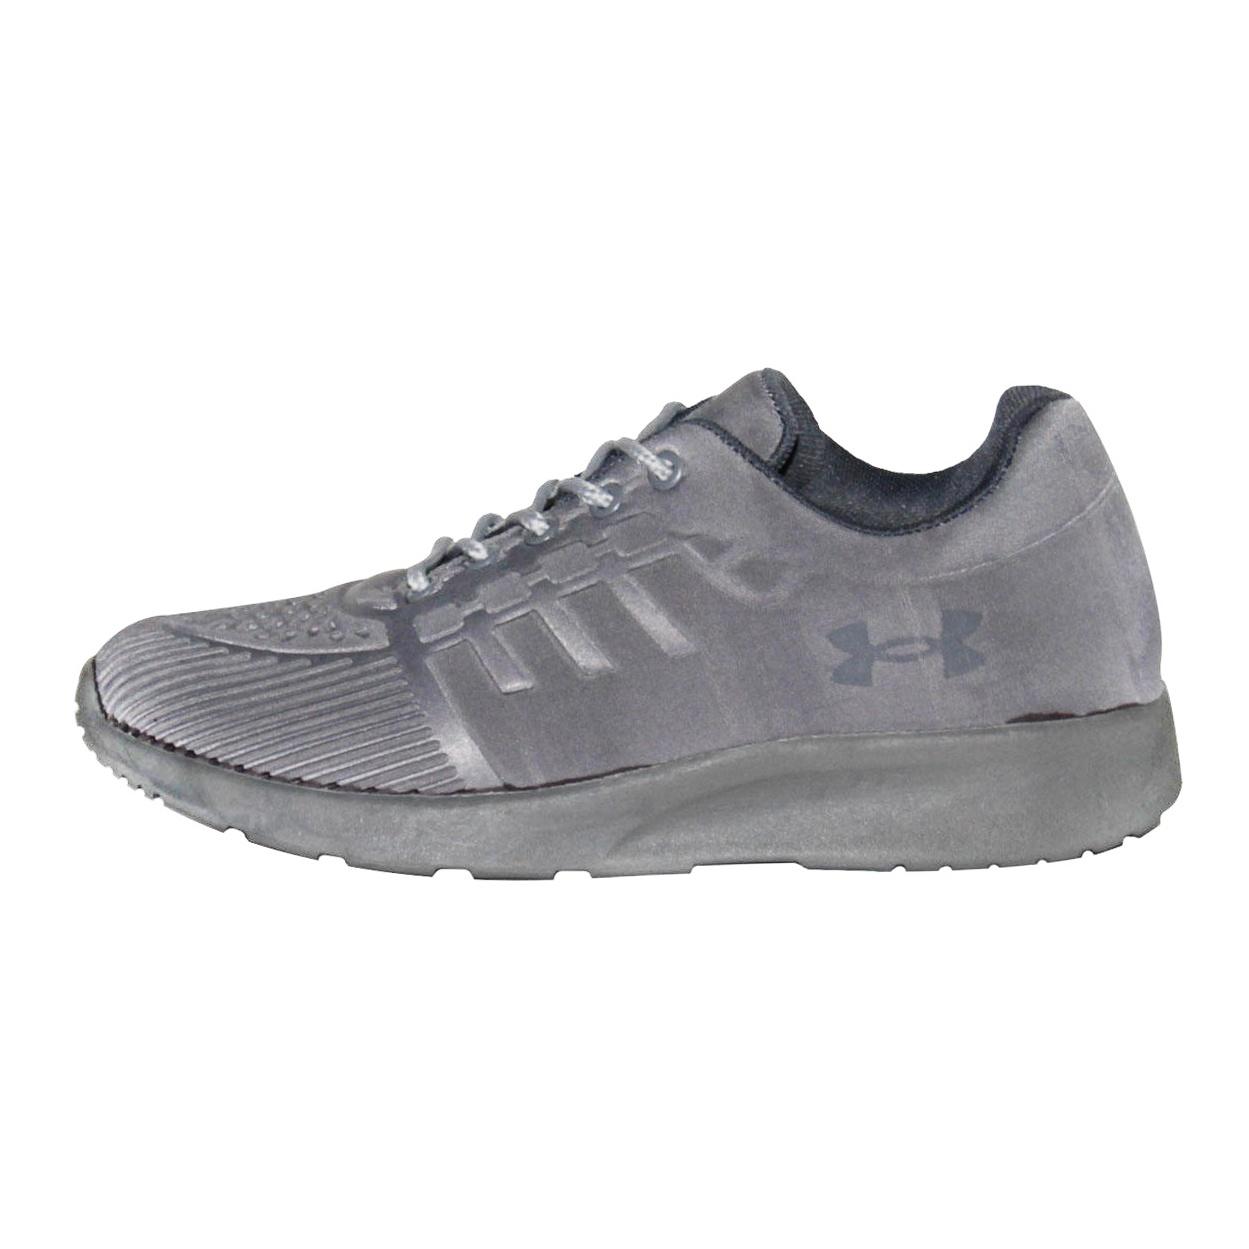 کفش مخصوص پیاده روی زنانه مدل Piedra Gris کد 02